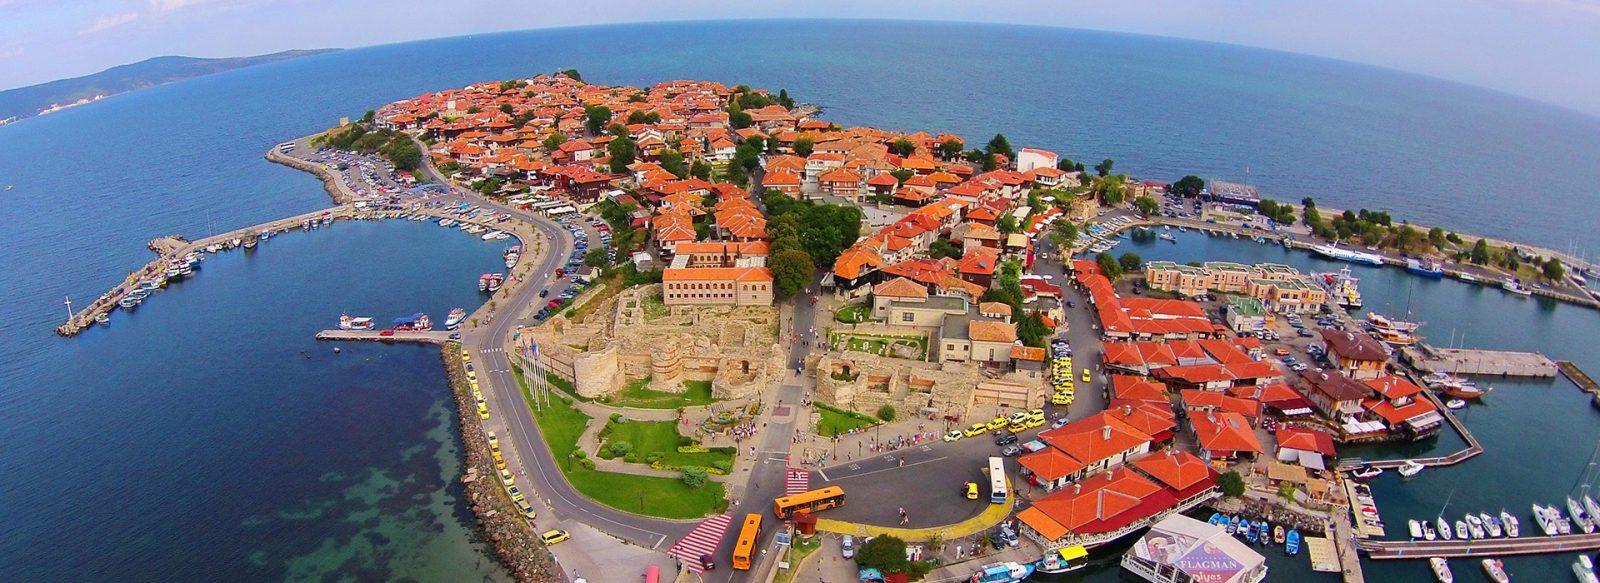 Nesebar, letovanje, leto Bugarska, stari grad